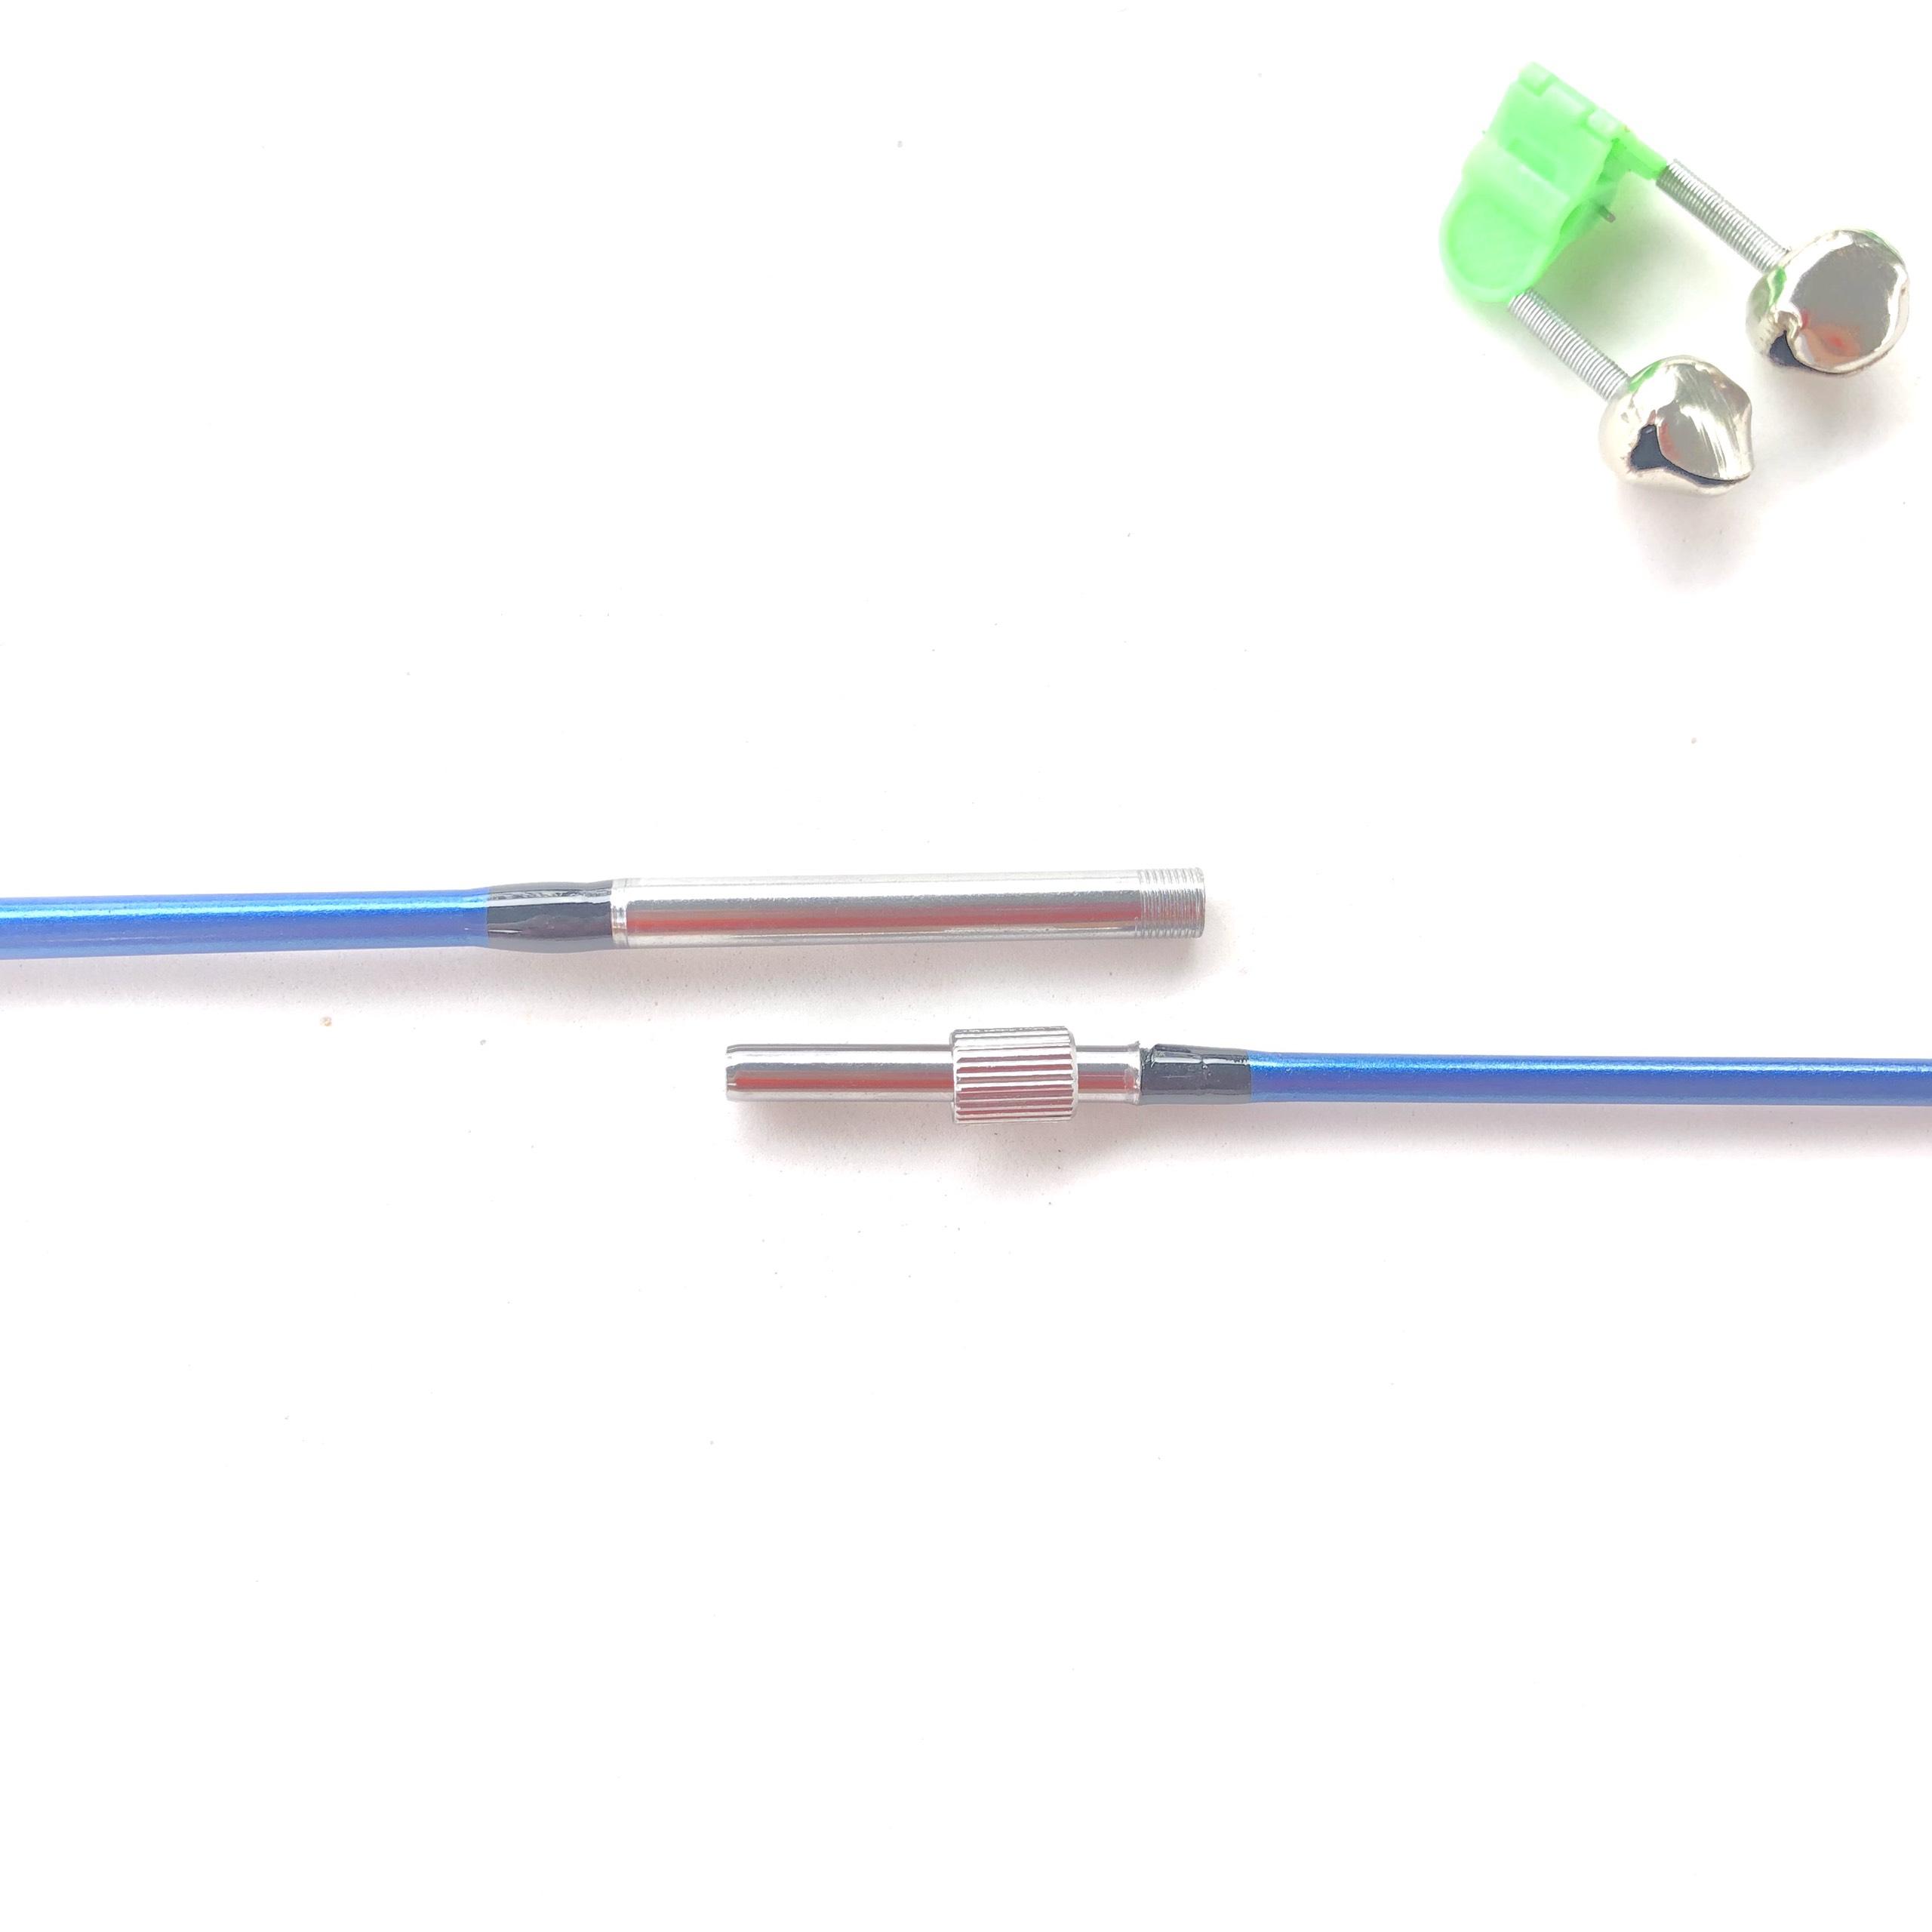 Bộ cần câu 2 khúc đặc ruột T1999 cao cấp tặng kèm phụ kiện (Màu xanh)